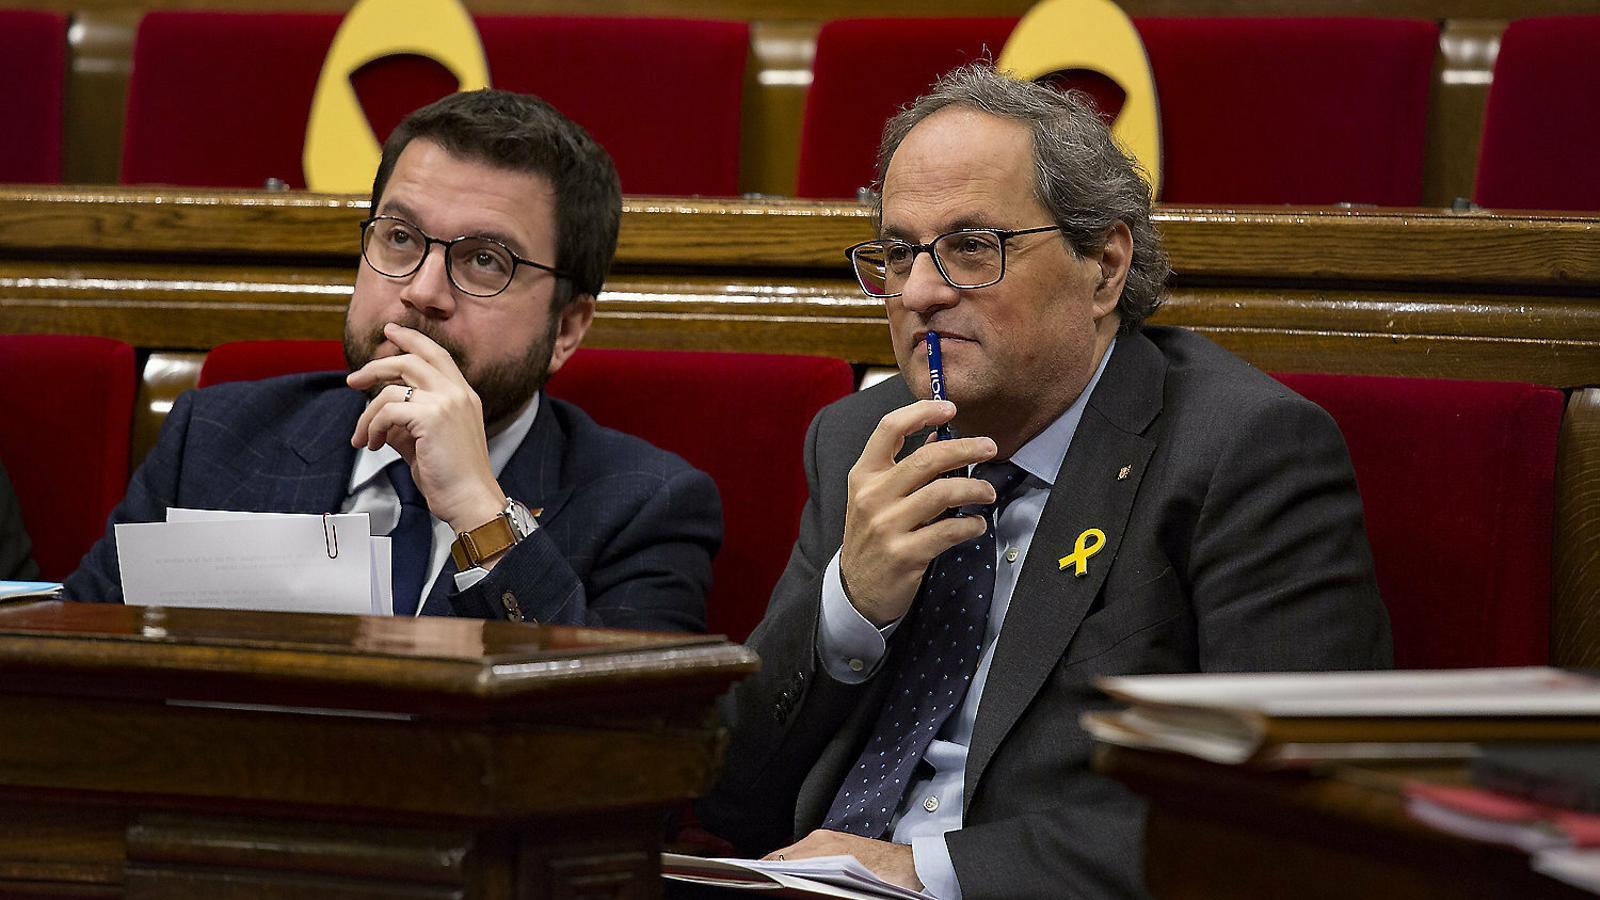 EN DIRECTE | El president Torra i el vicepresident Aragonès compareixen en roda de premsa després de la reunió de Govern